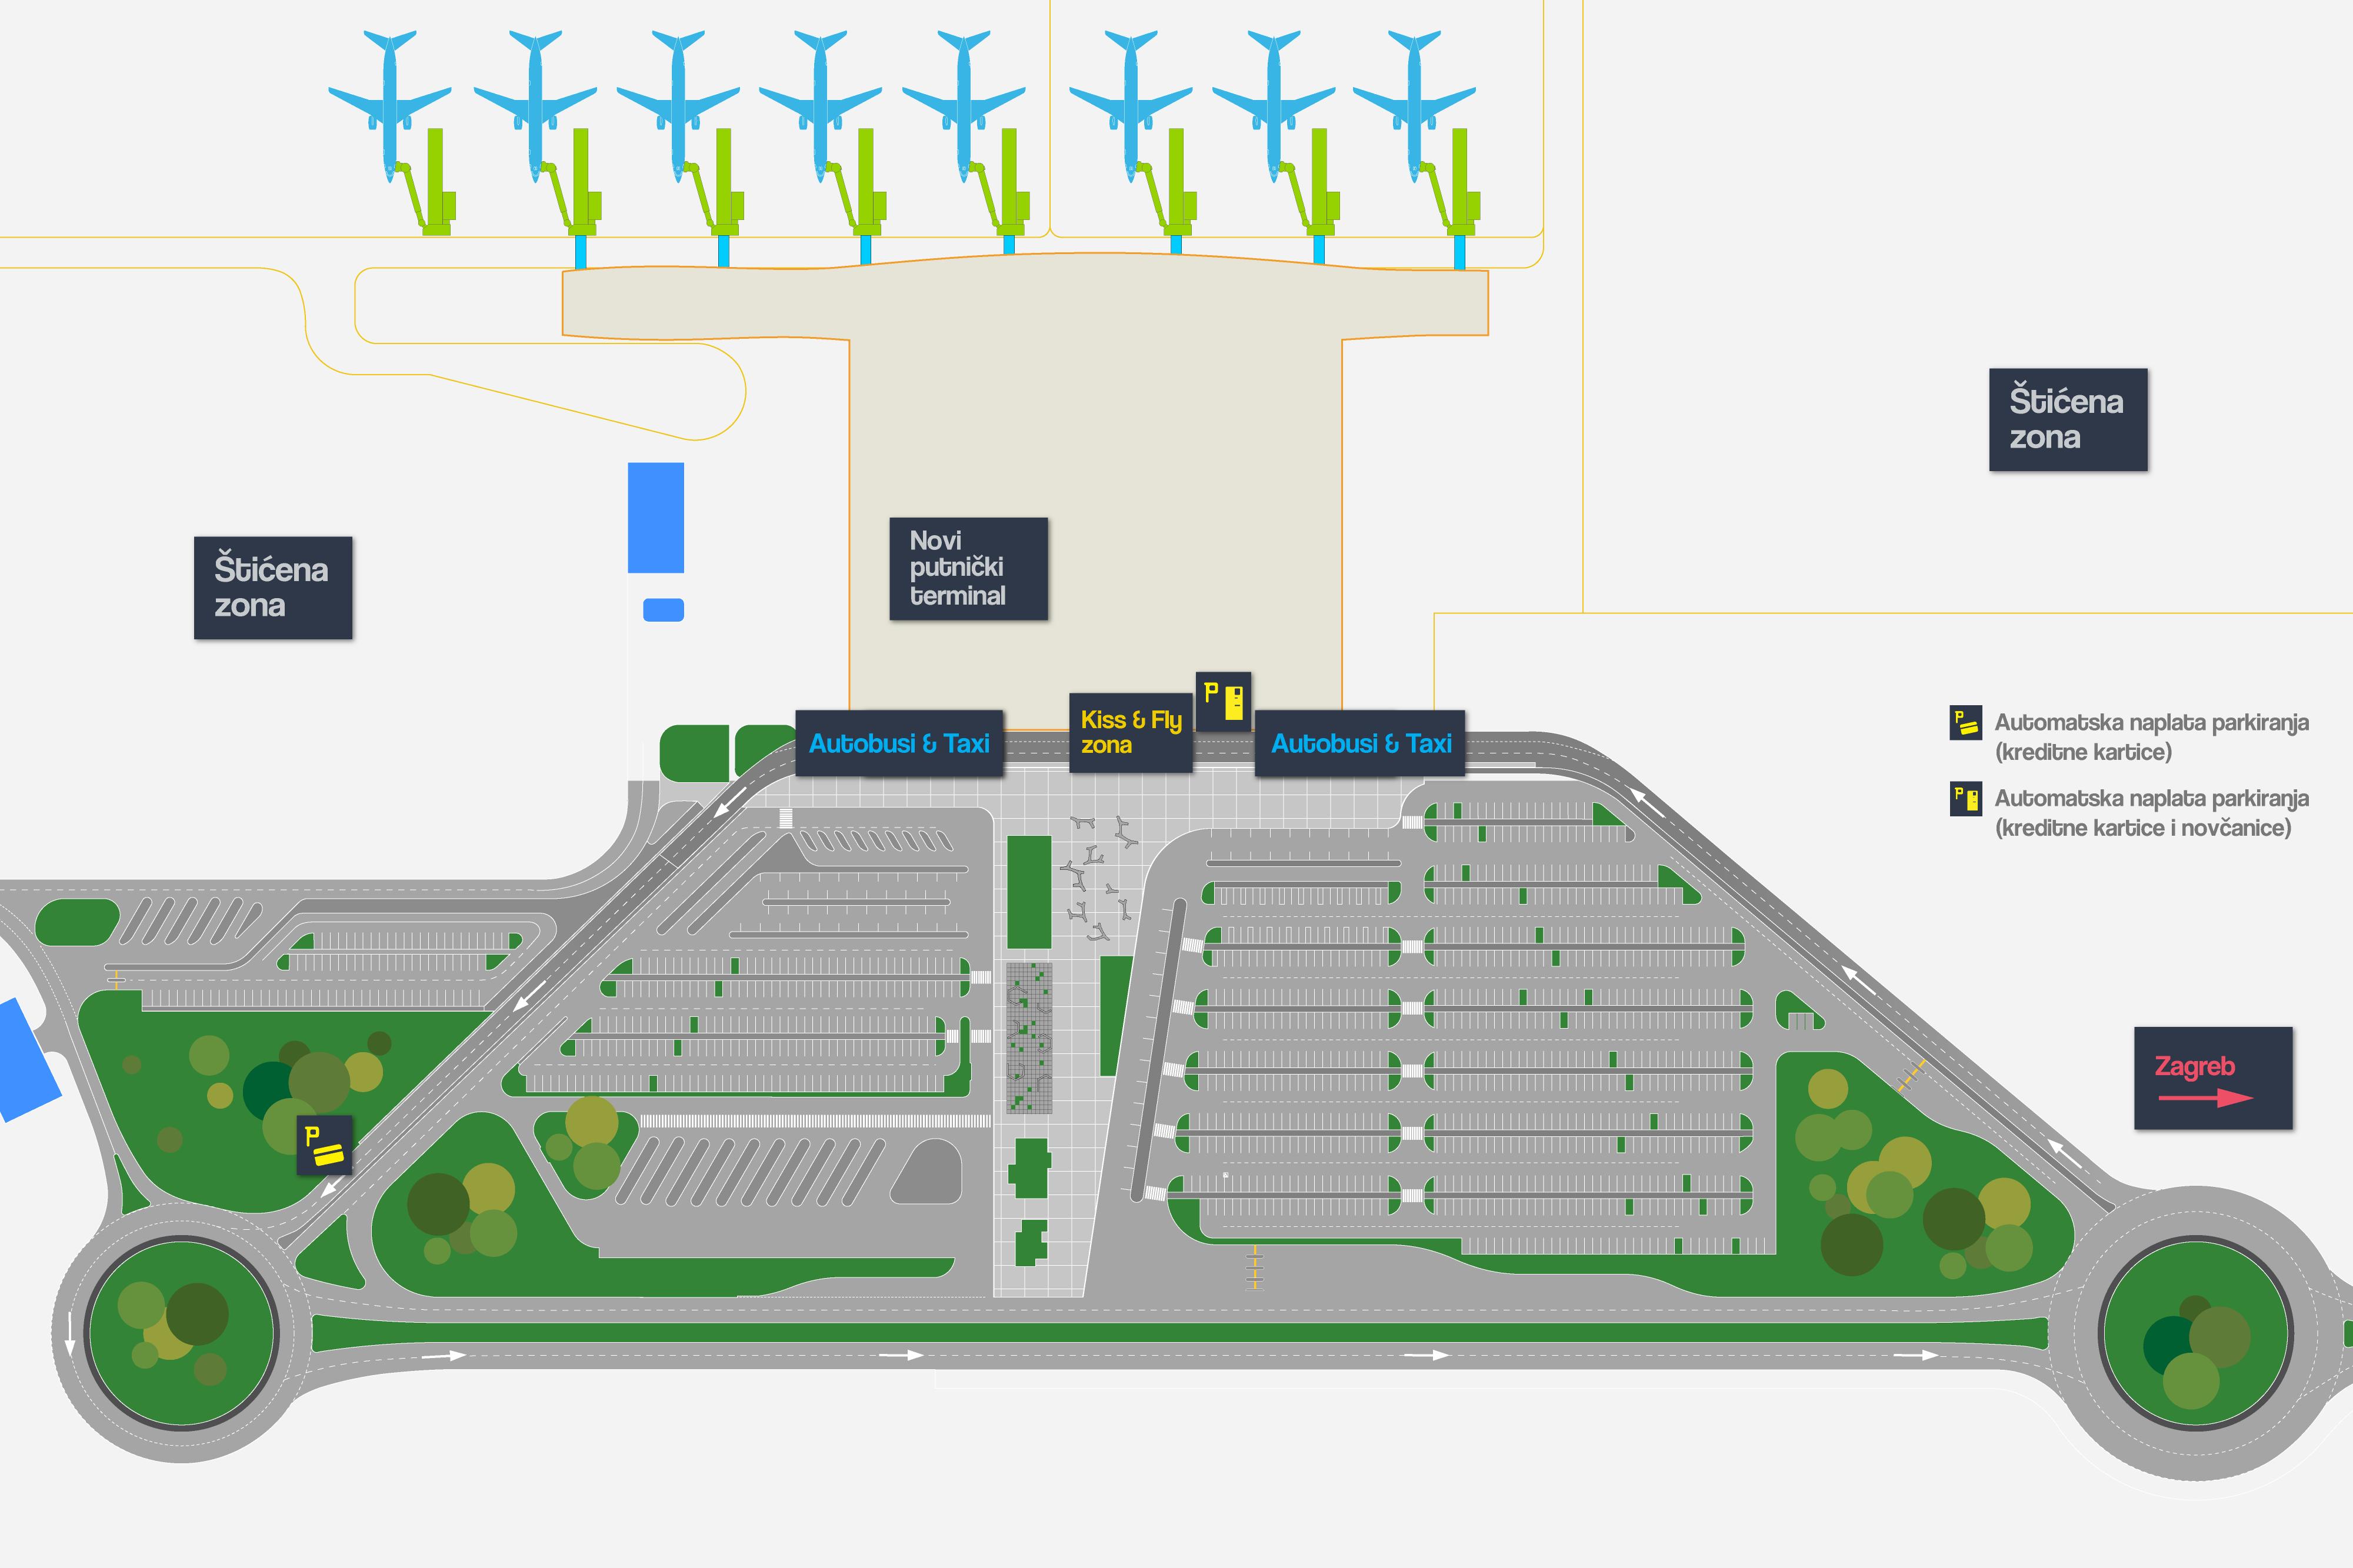 Međunarodna Zracna Luka Zagreb Franjo Tuđman Mapa Terminala